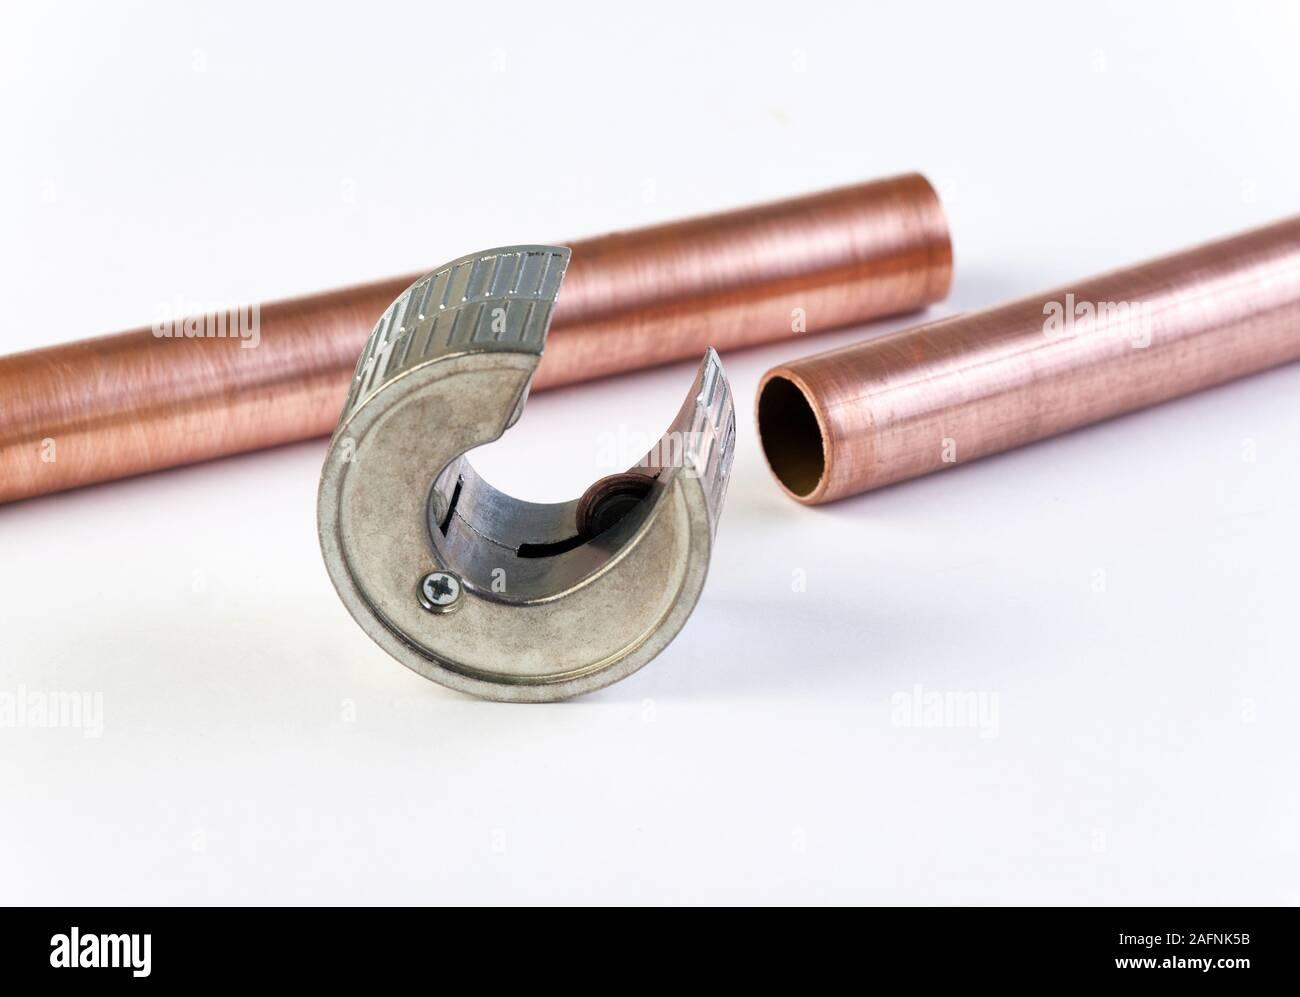 L'outil coupe-tube utilisé pour couper des tuyaux Banque D'Images